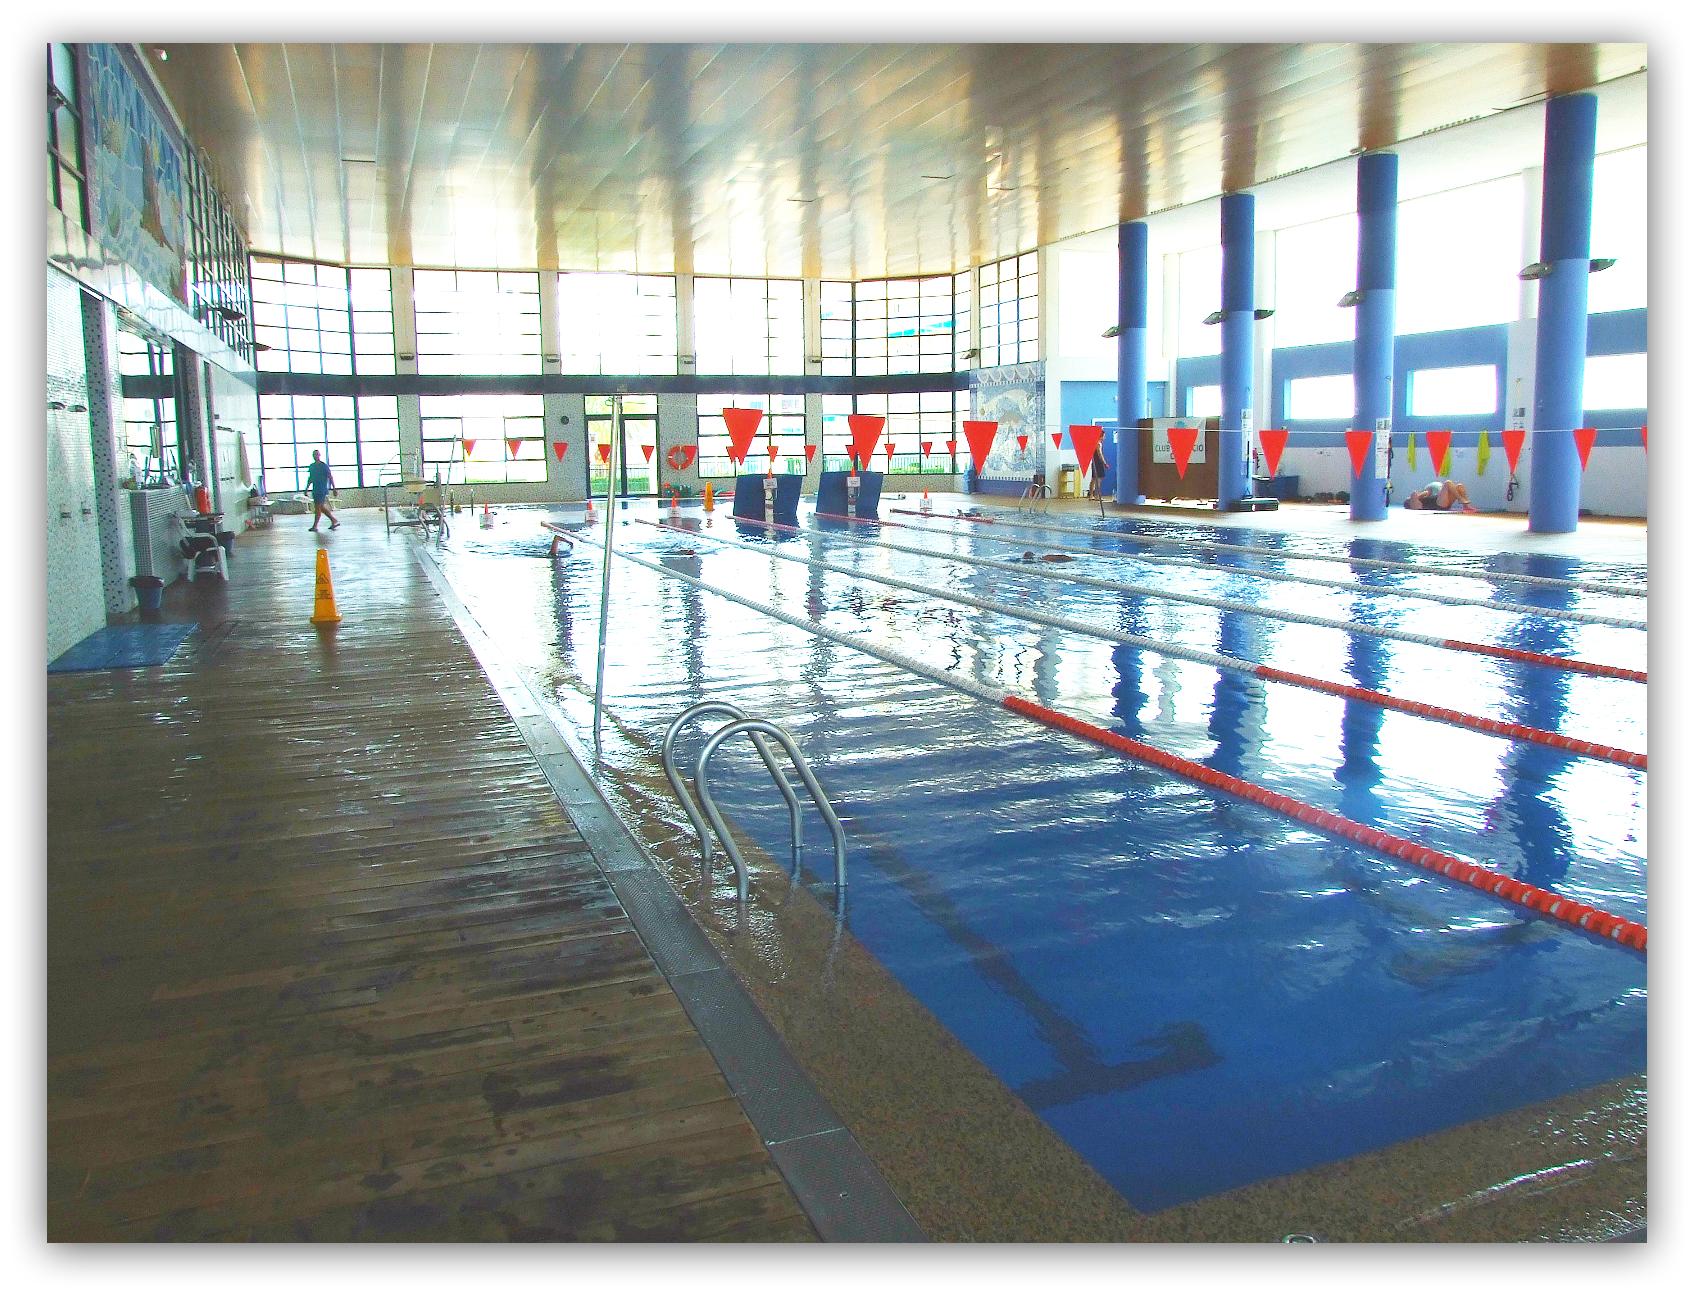 Instalaciones deportivas ayuntamiento de calp for Piscinas calpe